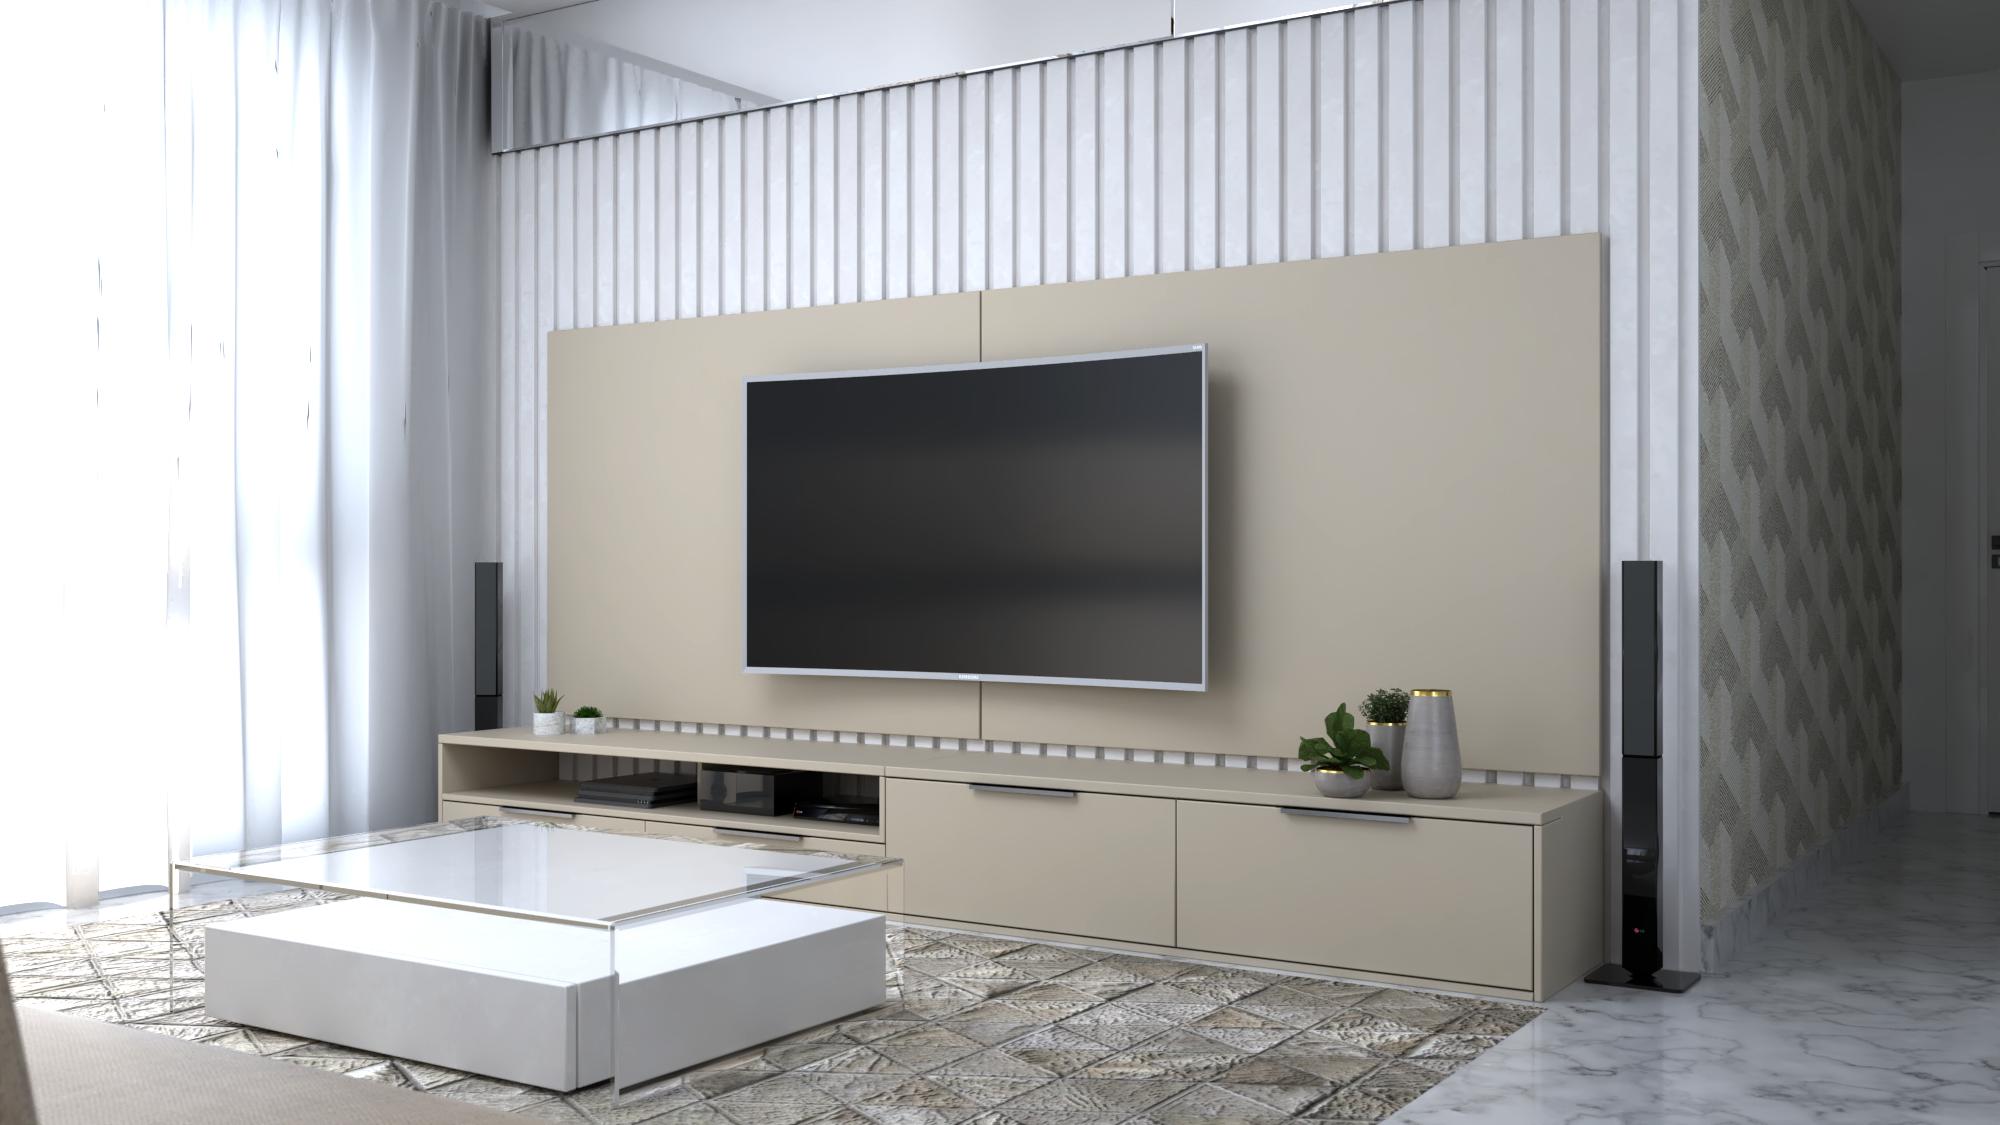 painel de madeira para painéis de TV na sala de estar